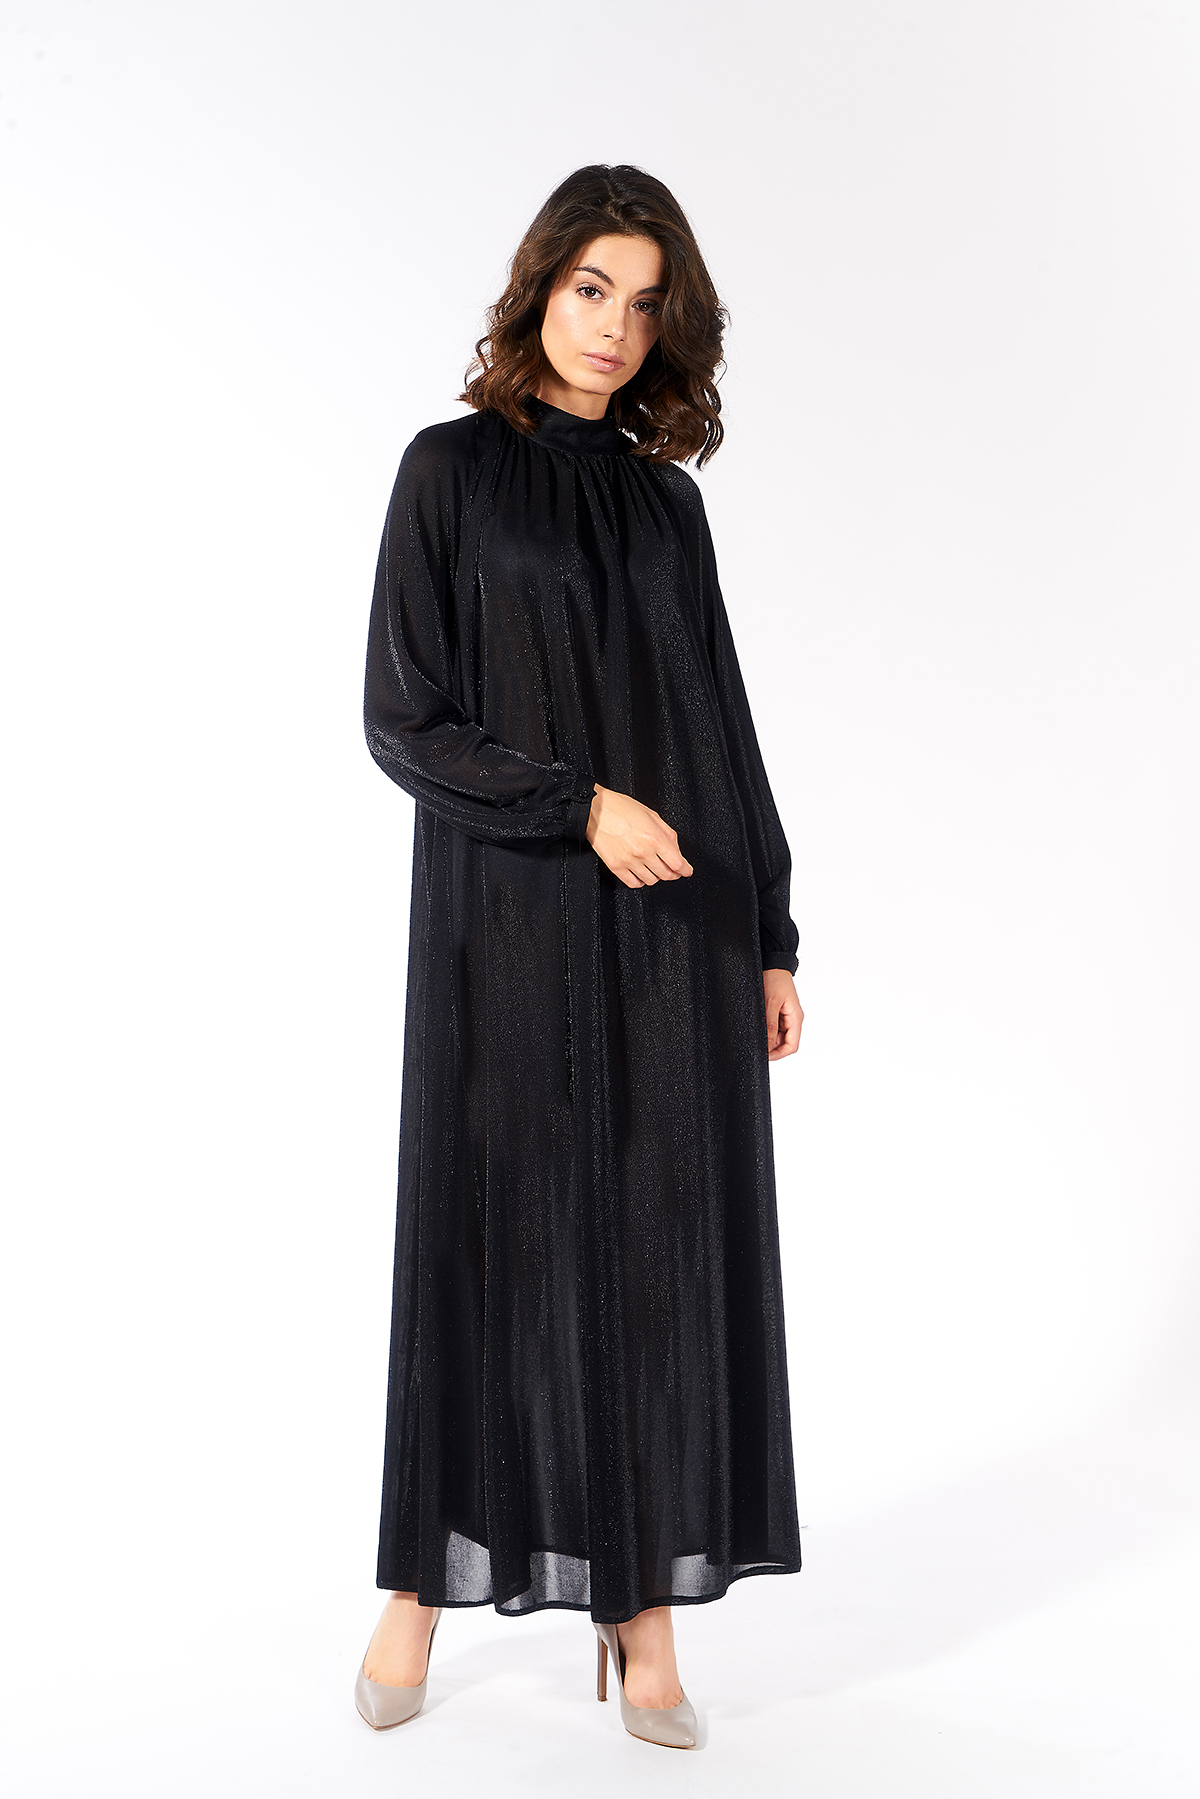 Mevra - Simli Büzgülü Elbise Siyah